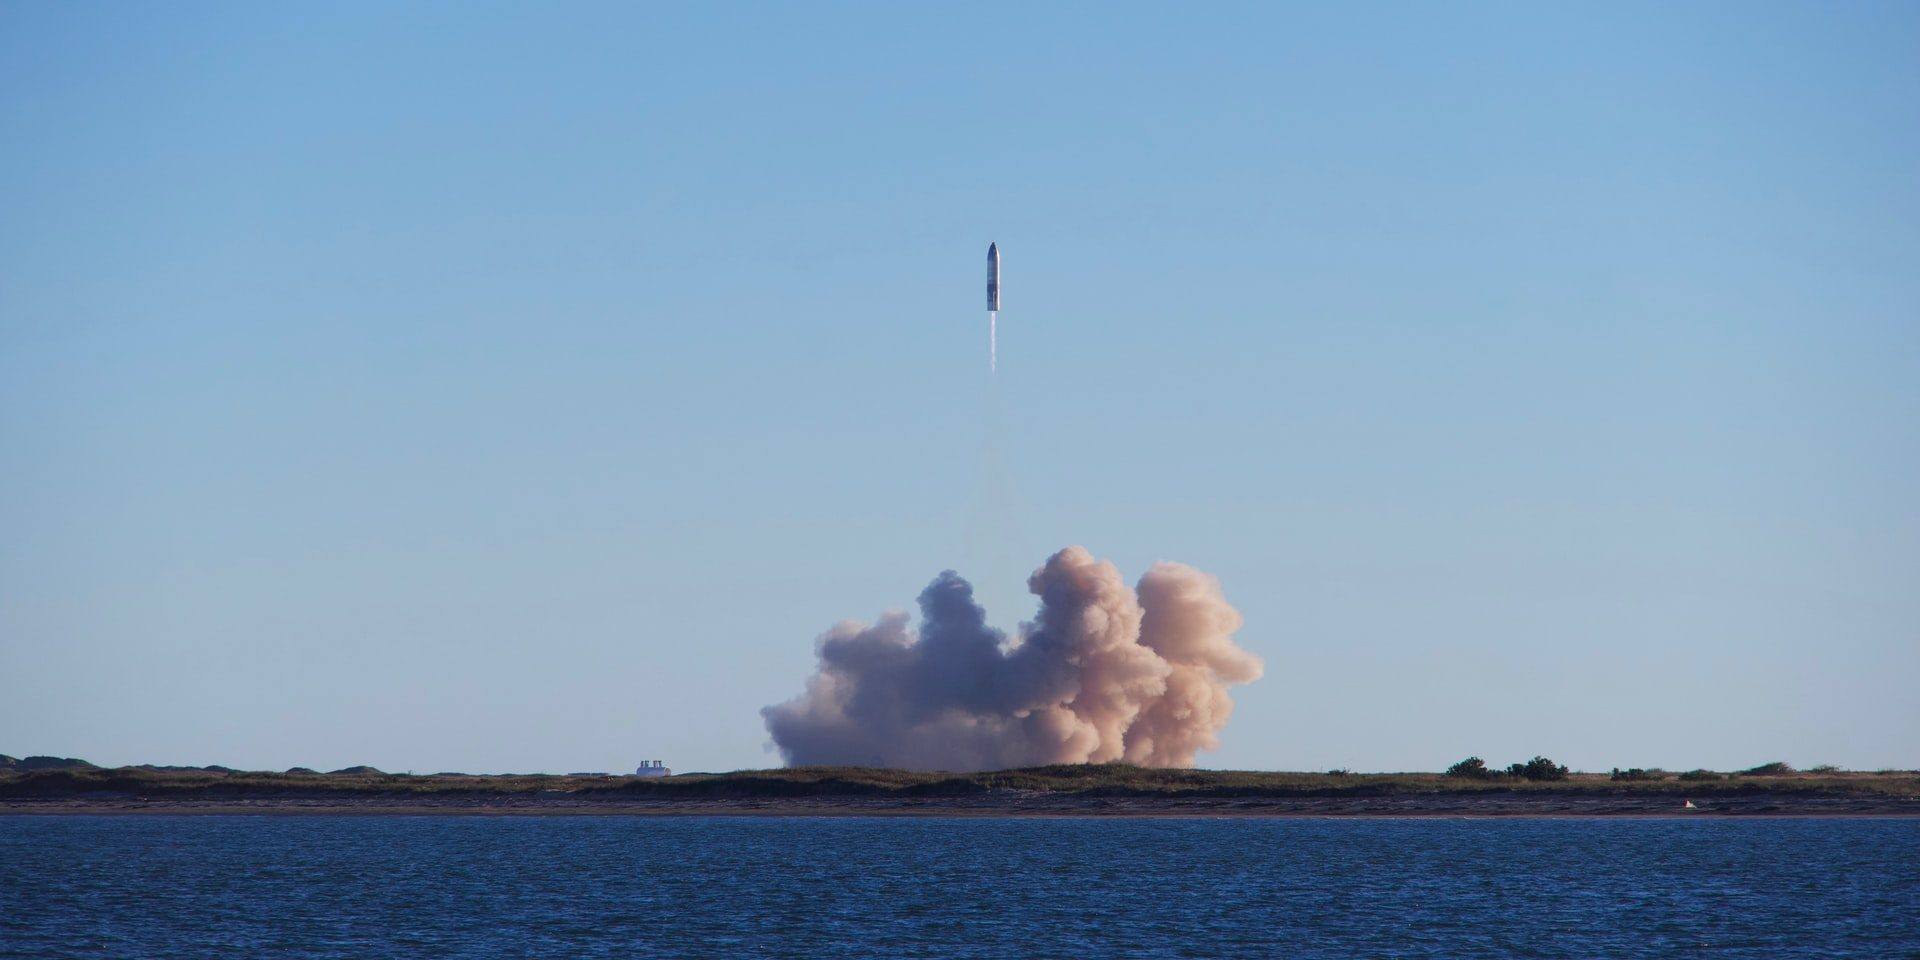 hitler's v2 rocket just missed us brian rudge showcase write on